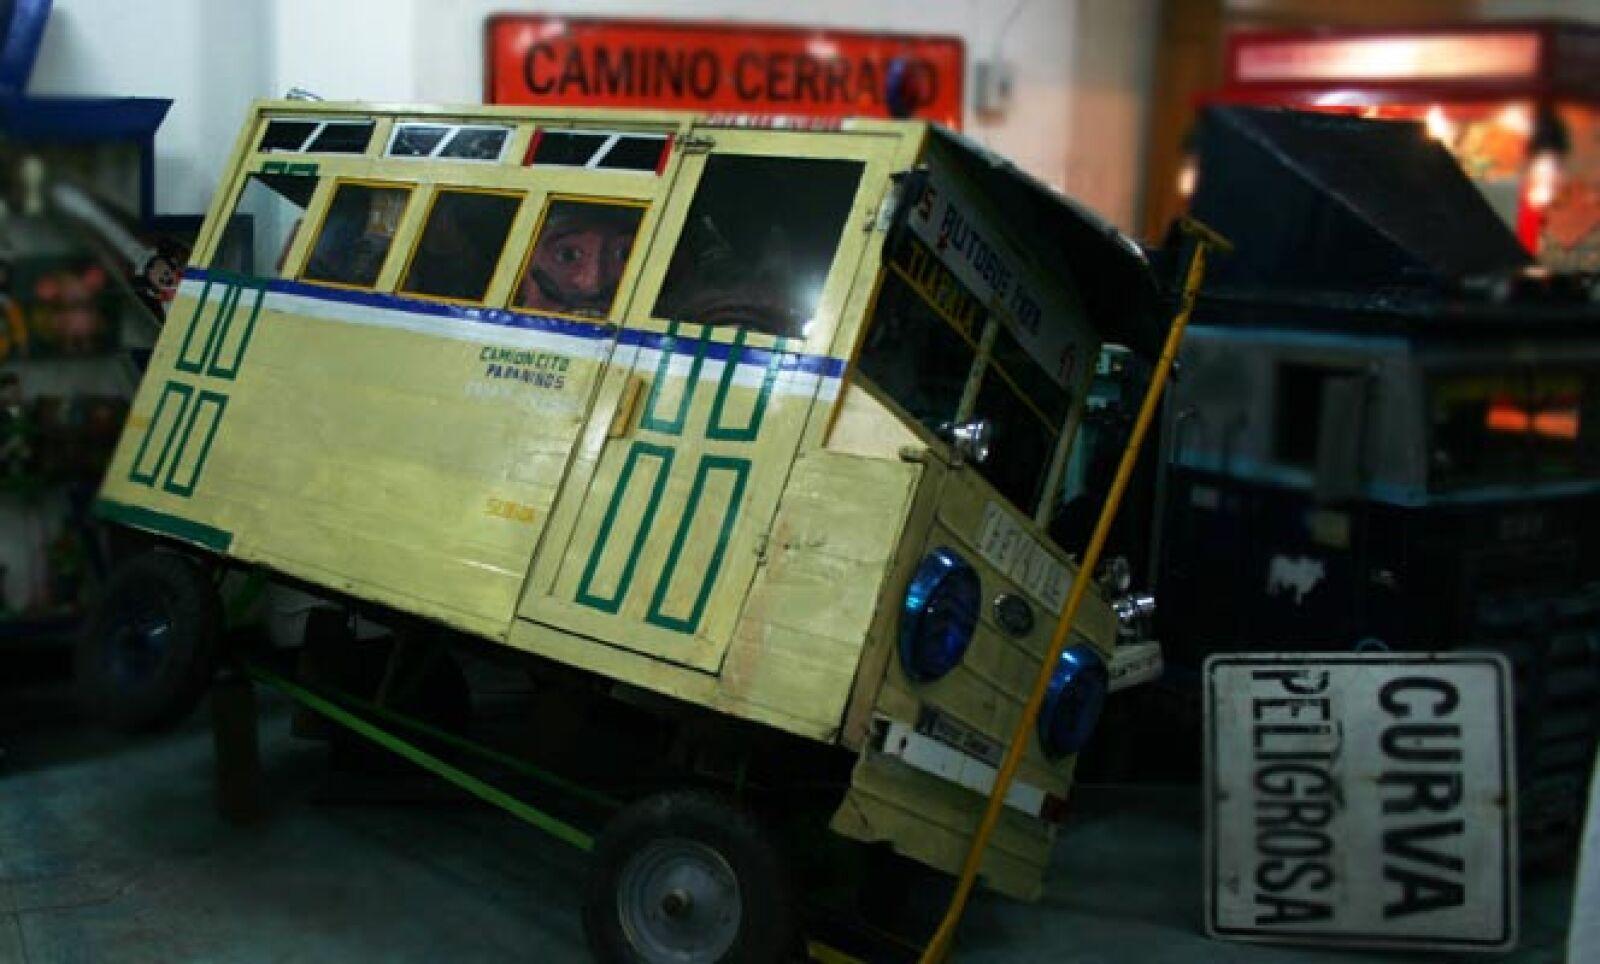 Las empresas jugueteras manufacturan réplicas en miniatura del transporte que se usaba en cada época. El tranvía no podía faltar.